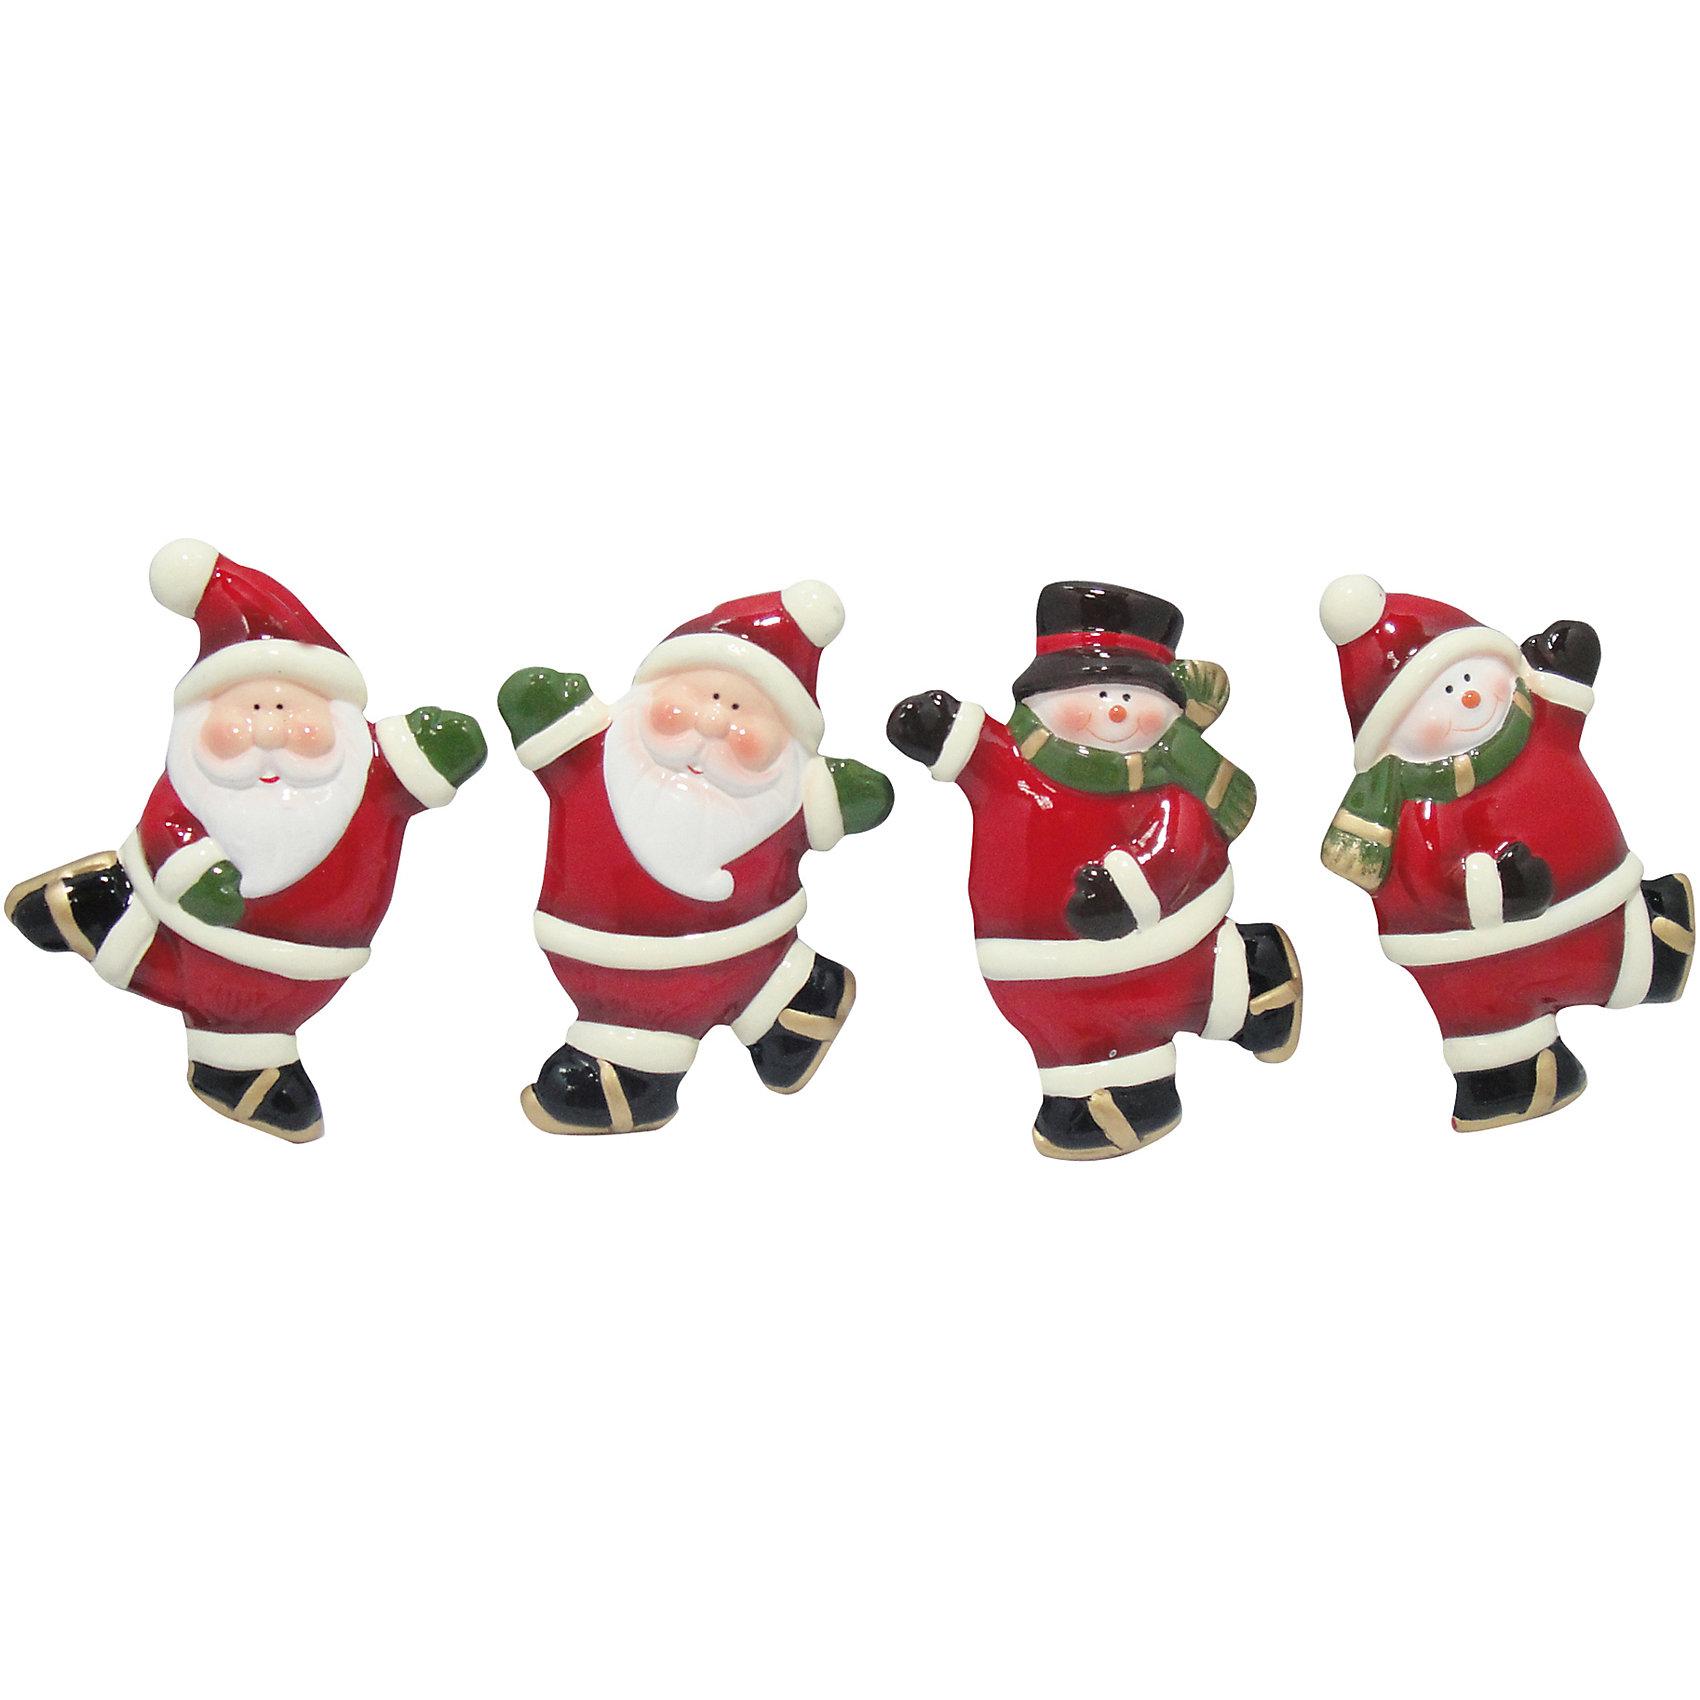 Керамический магнит, в ассортиментеНовинки Новый Год<br>Керамический магнит, Волшебная страна, прекрасно дополнит Ваш новогодний интерьер и создаст праздничное новогоднее настроение. Магнит выполнен в виде забавных фигурок новогодних персонажей, в ассортименте представлены 4 варианта дизайна с Дедом Морозом и снеговиком.<br><br>Дополнительная информация:<br><br>- Материал: керамика.<br>- Размер магнита: 7,4 x 5,4 x 1,5 см.<br>- Вес: 42 гр. <br><br>Керамический магнит, Волшебная страна, можно купить в нашем интернет-магазине.<br><br>ВНИМАНИЕ! Данный артикул имеется в наличии в разных вариантах исполнения. Заранее выбрать определенный вариант нельзя. При заказе нескольких магнитов возможно получение одинаковых.<br><br>Ширина мм: 80<br>Глубина мм: 50<br>Высота мм: 10<br>Вес г: 42<br>Возраст от месяцев: 36<br>Возраст до месяцев: 2147483647<br>Пол: Унисекс<br>Возраст: Детский<br>SKU: 4288602